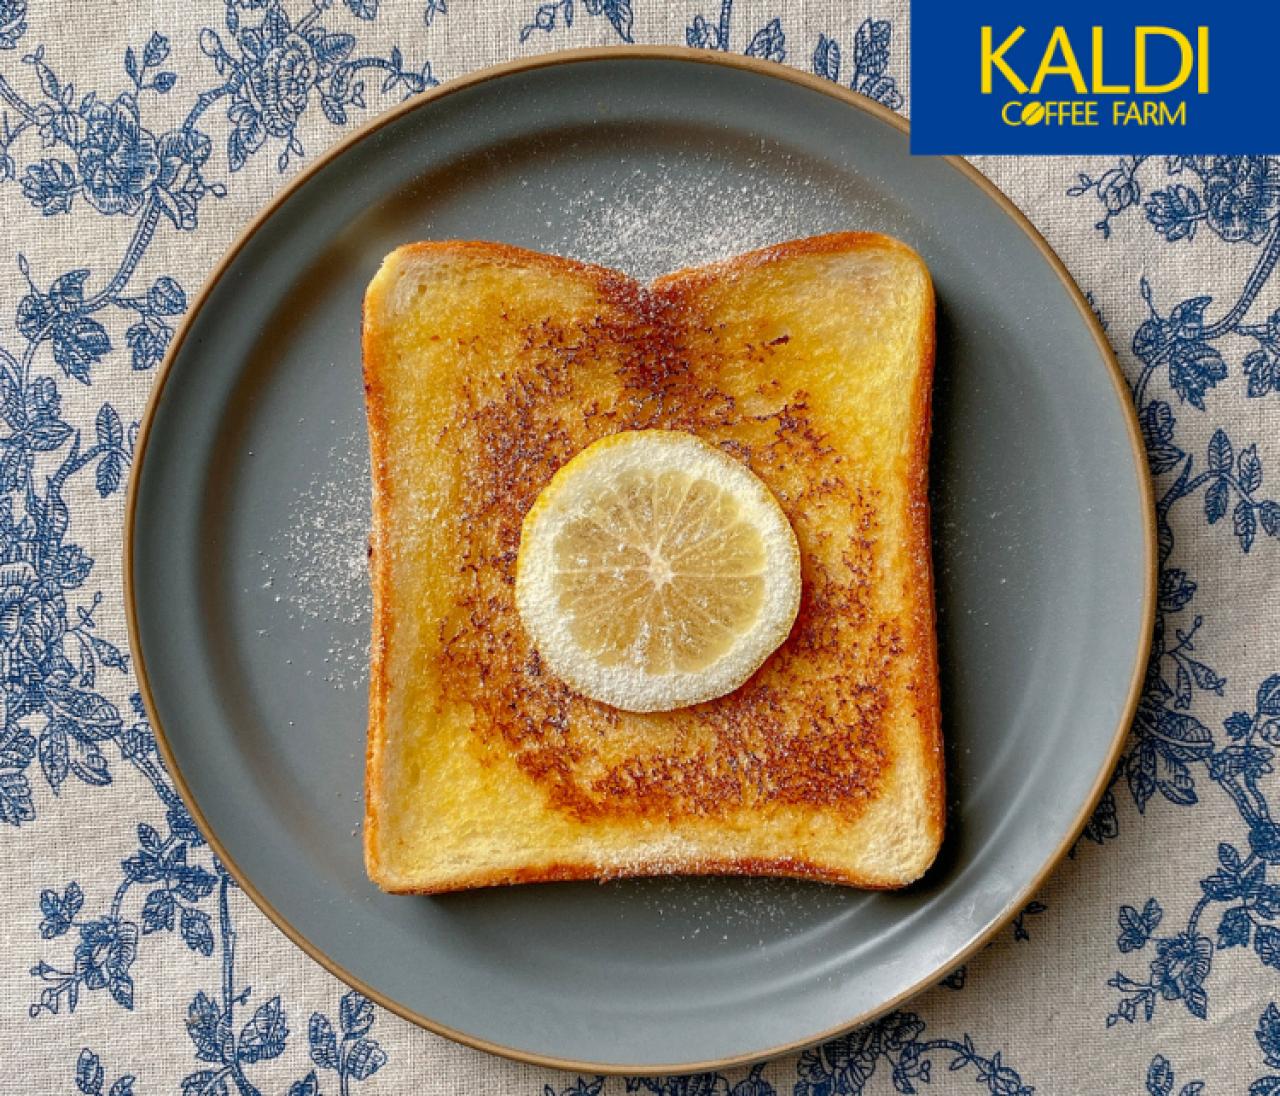 【カルディ(KALDI)】塗って焼くだけ! 普通の食パンでカフェレベルのフレンチトーストができる魔法のようなスプレッド